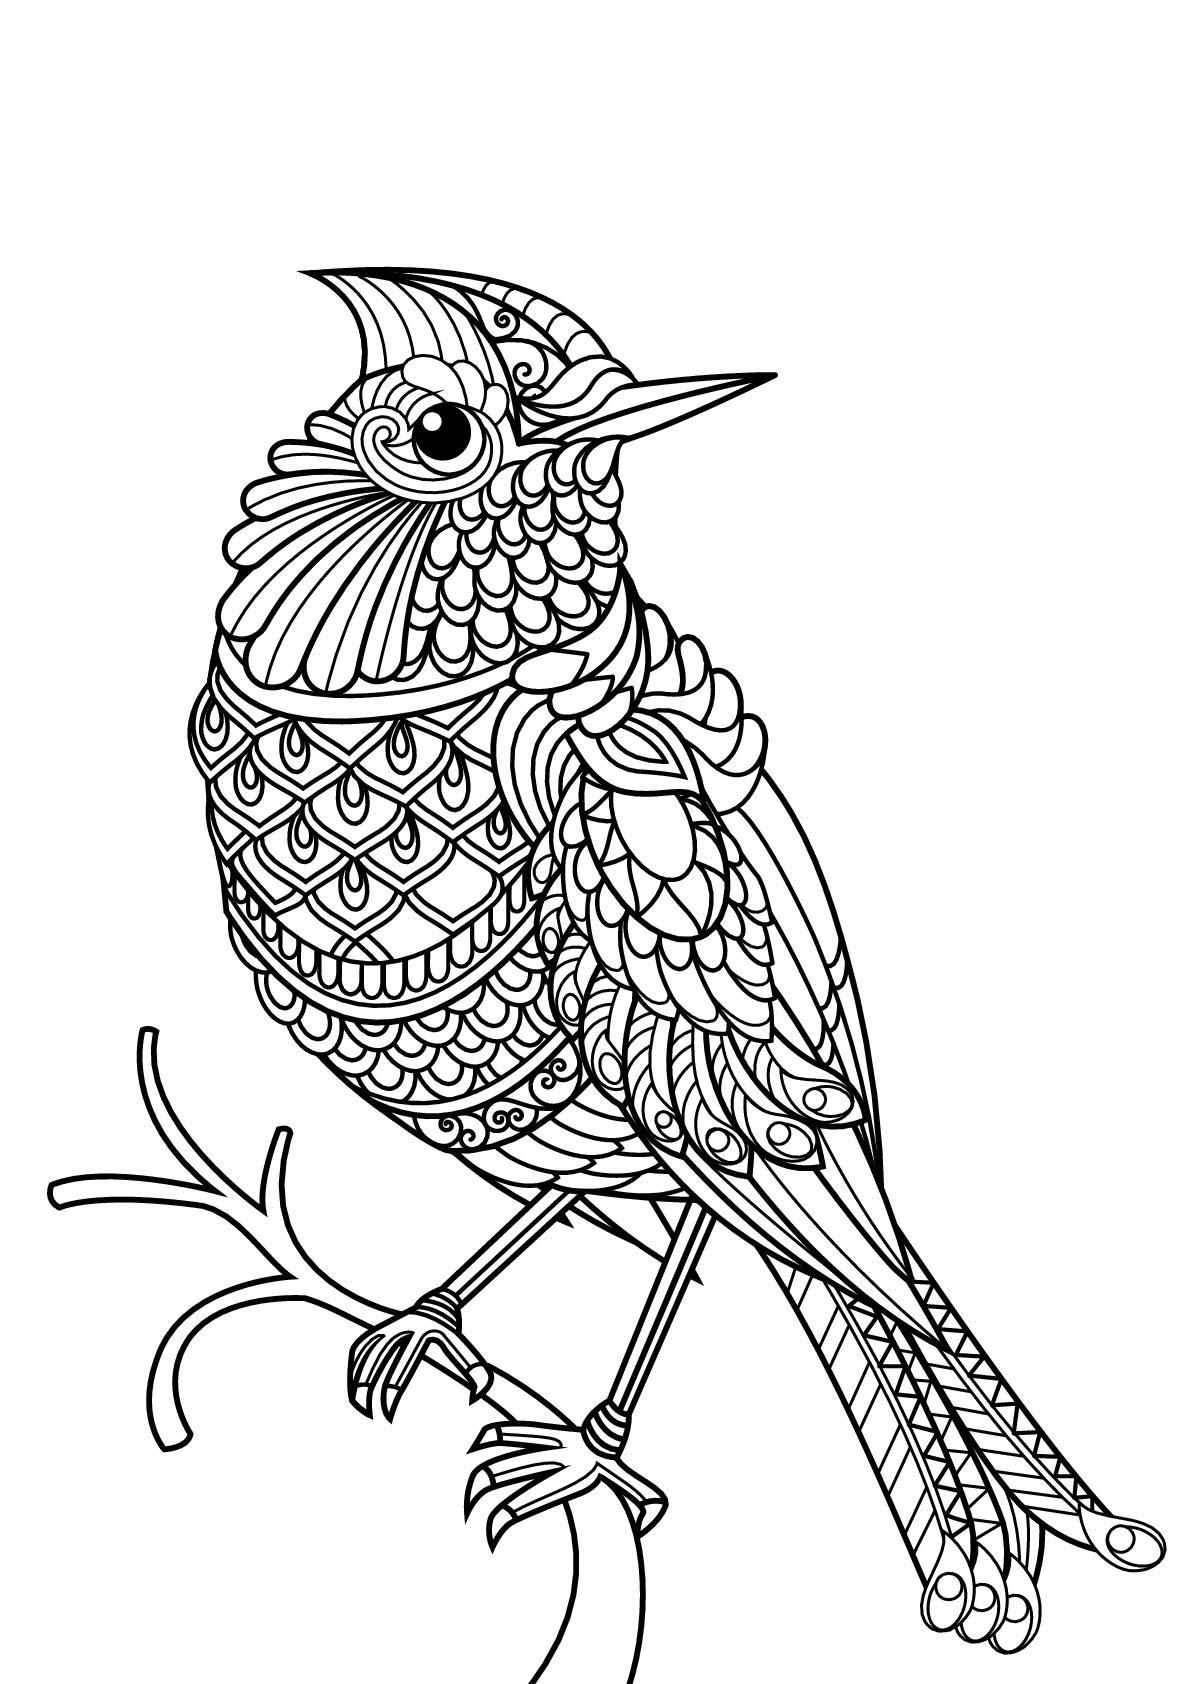 Раскраски птицы для взрослых и детей, распечатать